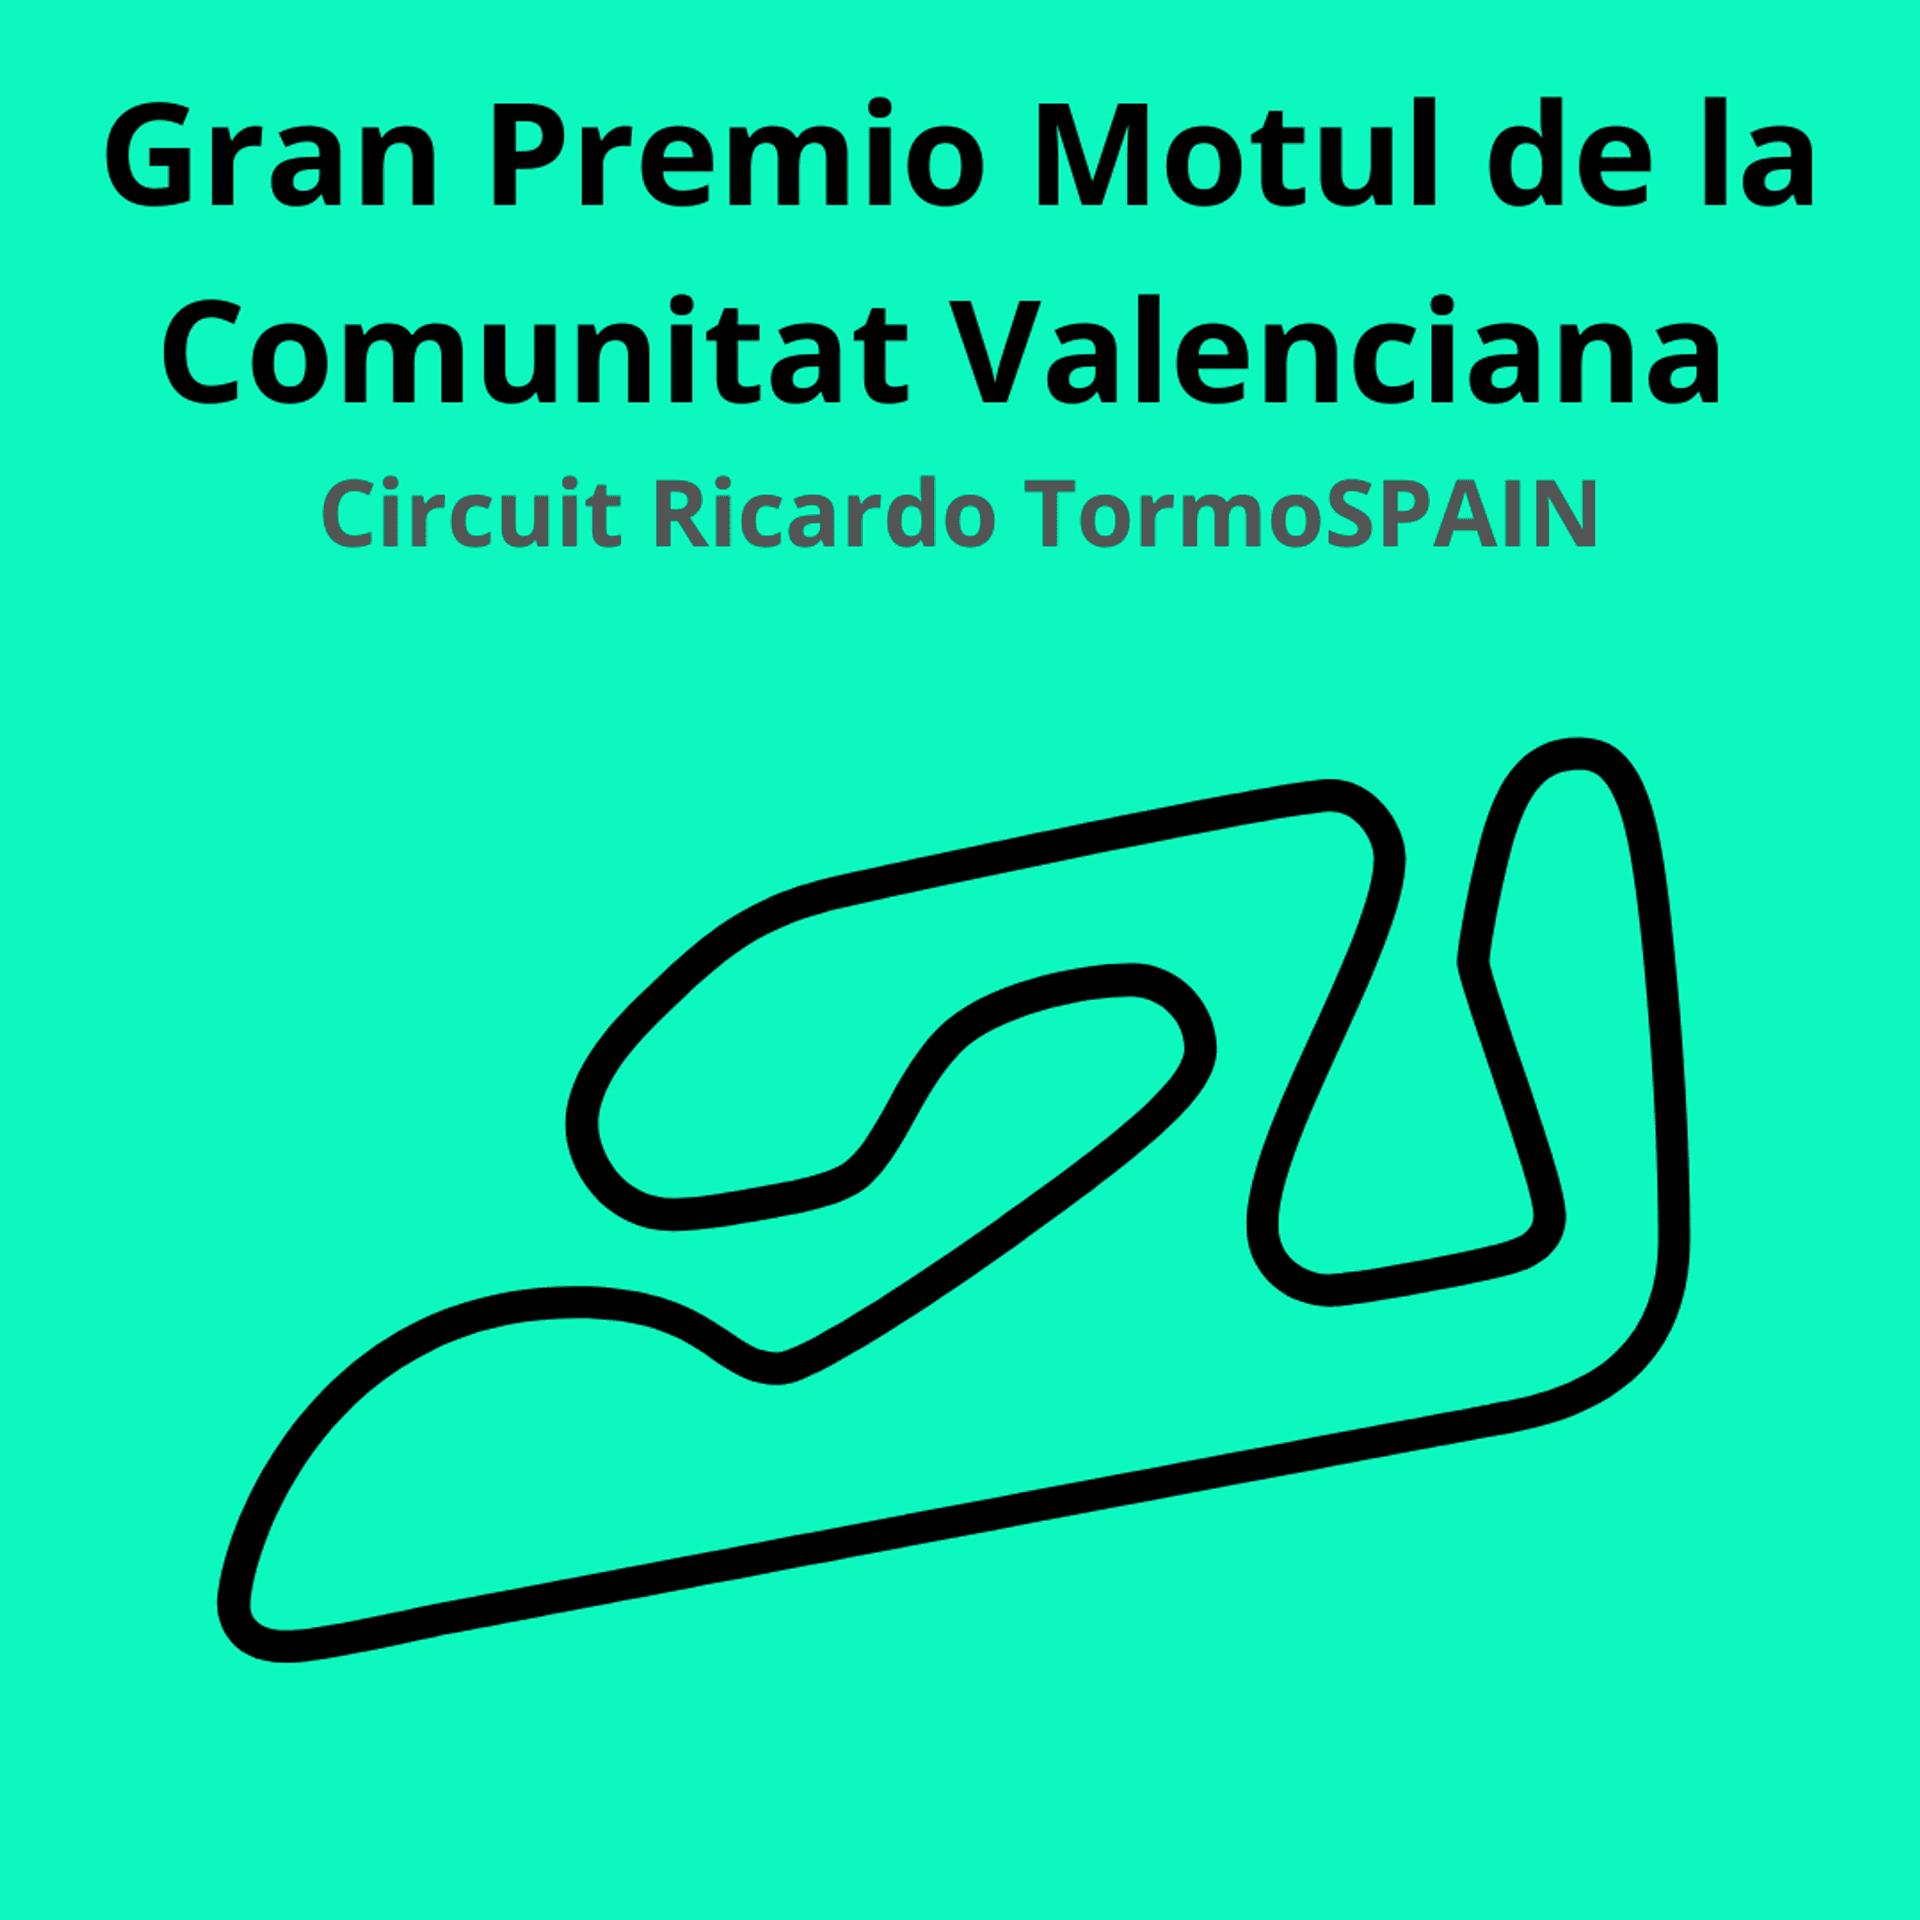 Gran Premio Motul.Scopri tutte le gare del moto mondiale 2021.Le caratteristiche di ogni circuito, i record e difficoltà.Segui insieme a noi tutte le gare di Tony Arbolino nella sua nuova avventura in Moto2